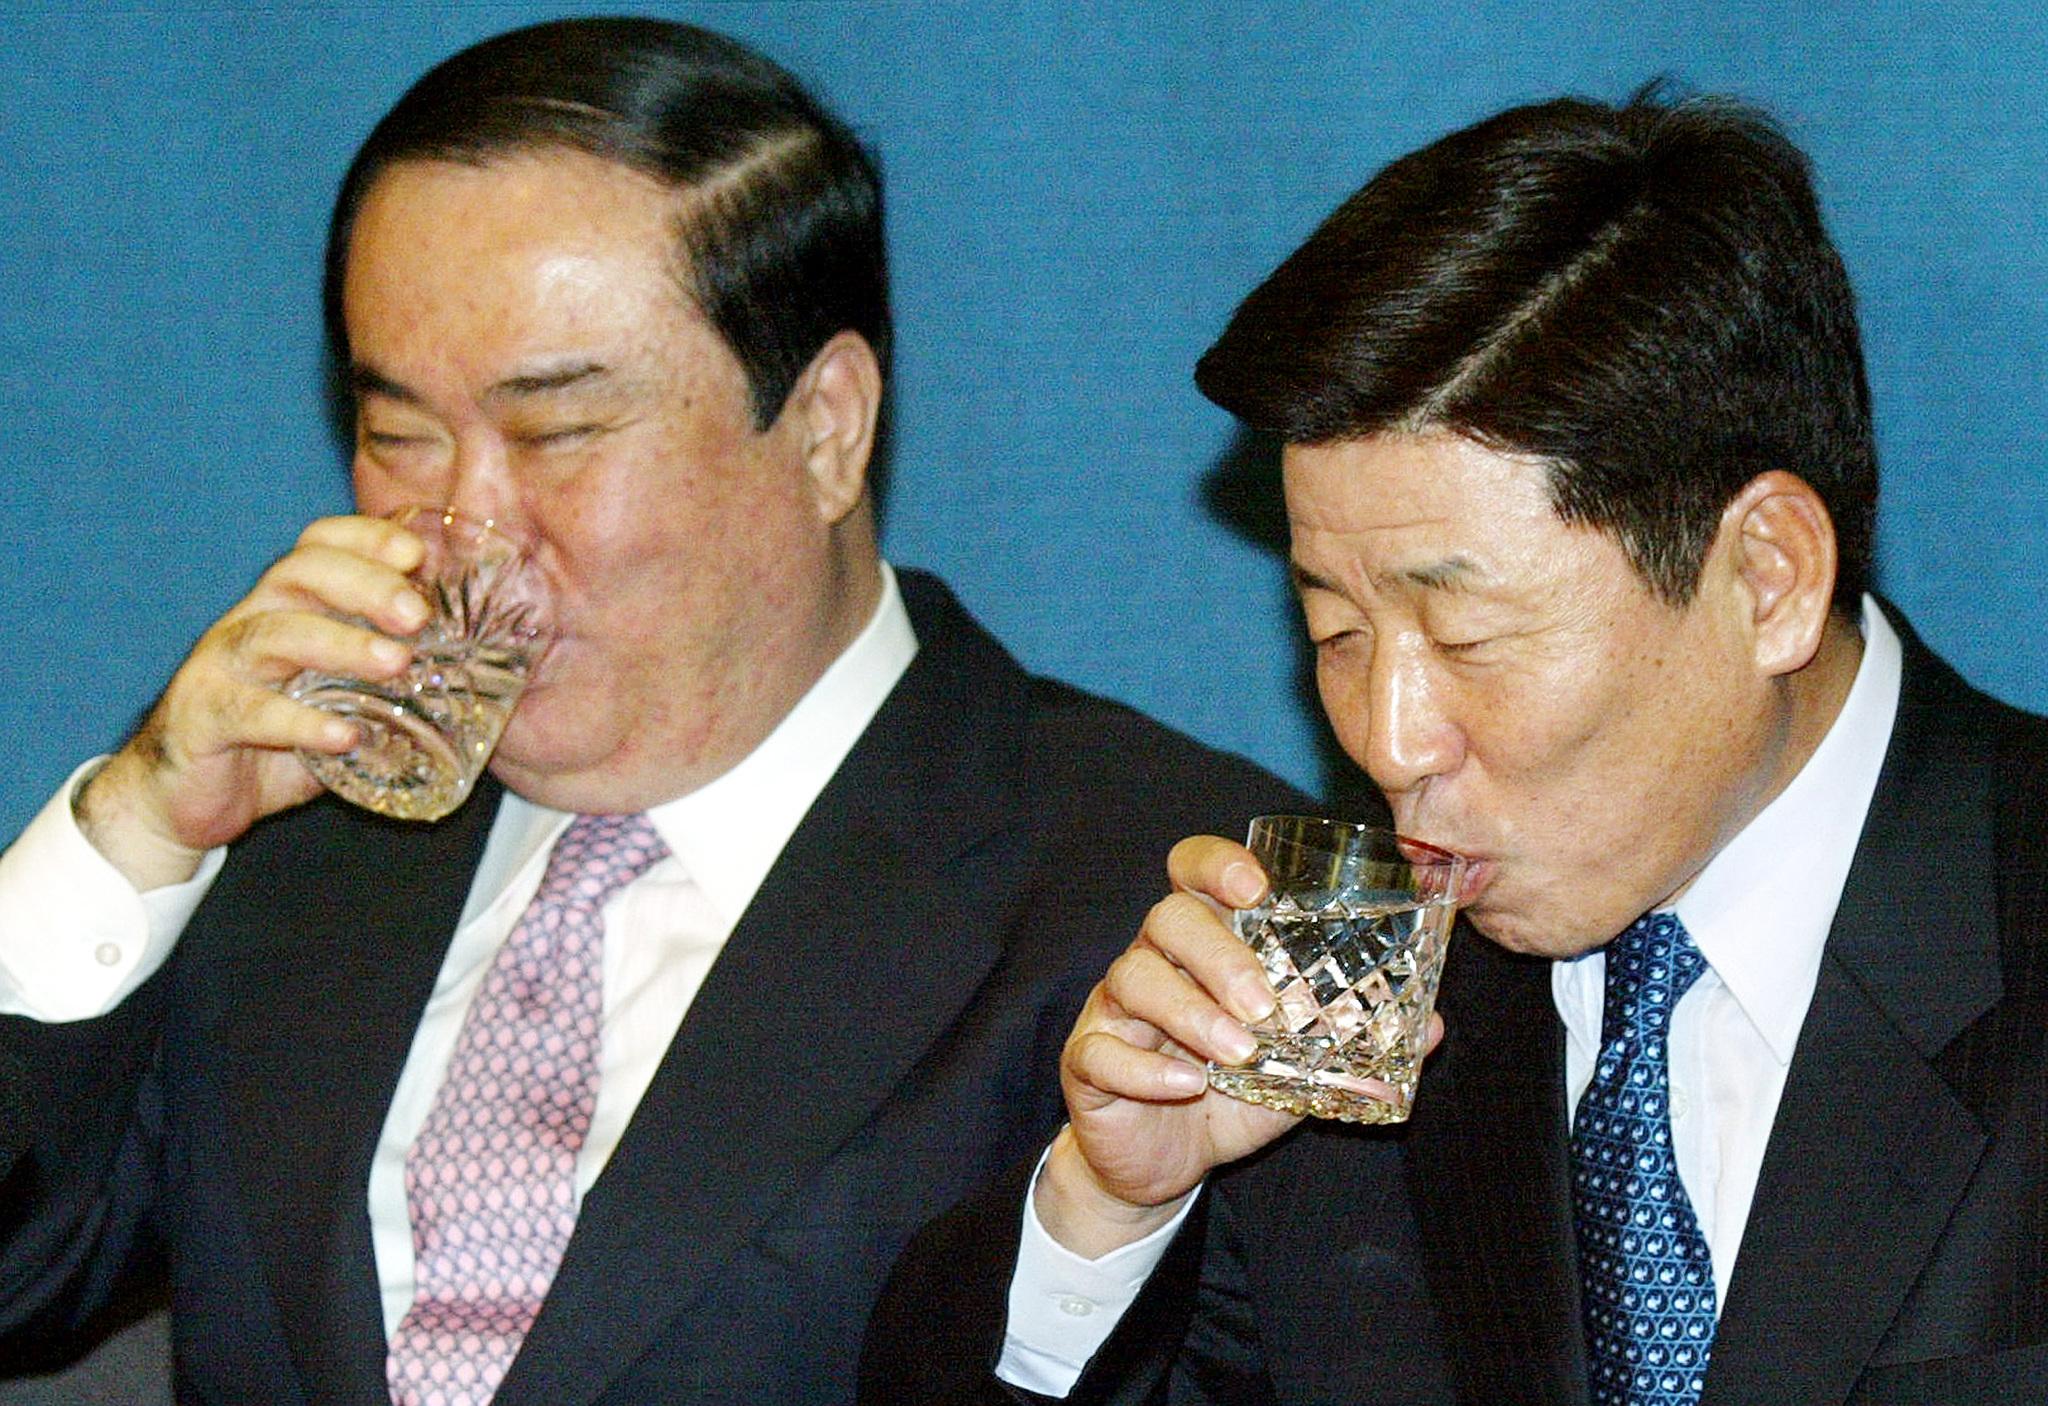 문희상 전 대통령 비서실장(左)과 유인태 전 정무수석이 2004년 청와대 춘추관에서 총선 출마 기자간담회를 하던 도중 물을 마시고 있다. [중앙포토]